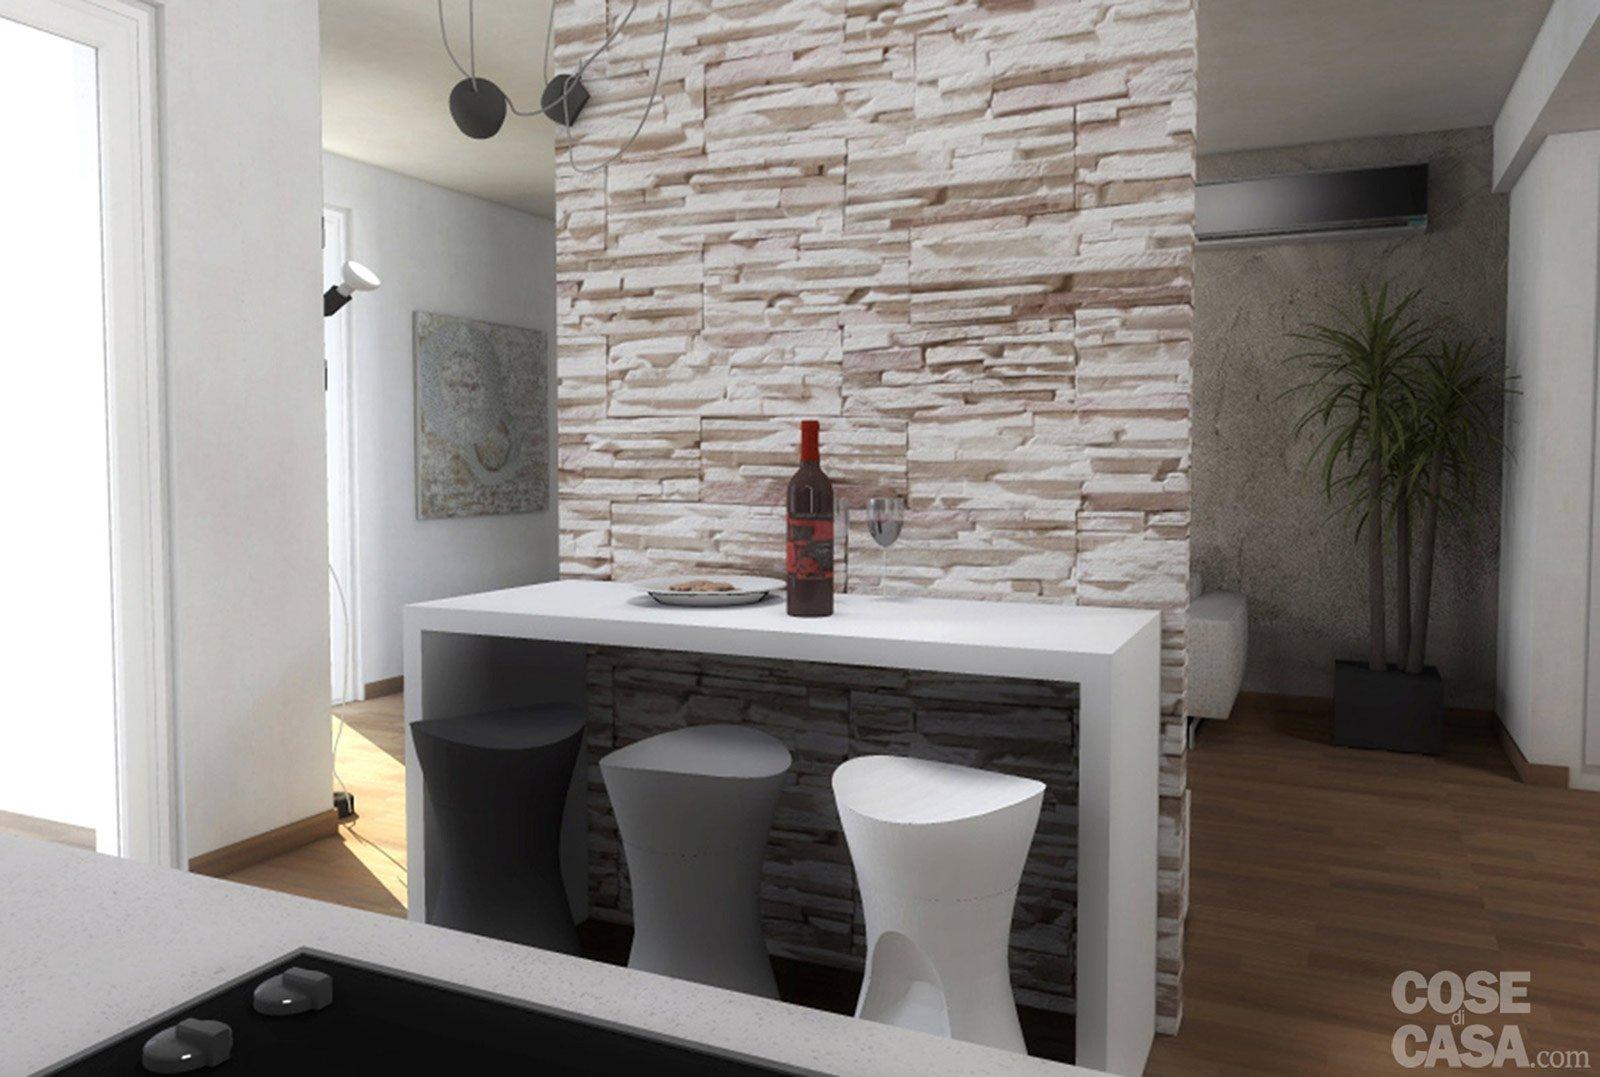 Progetti due soluzioni per un living con piante e - Distanza tv led divano ...